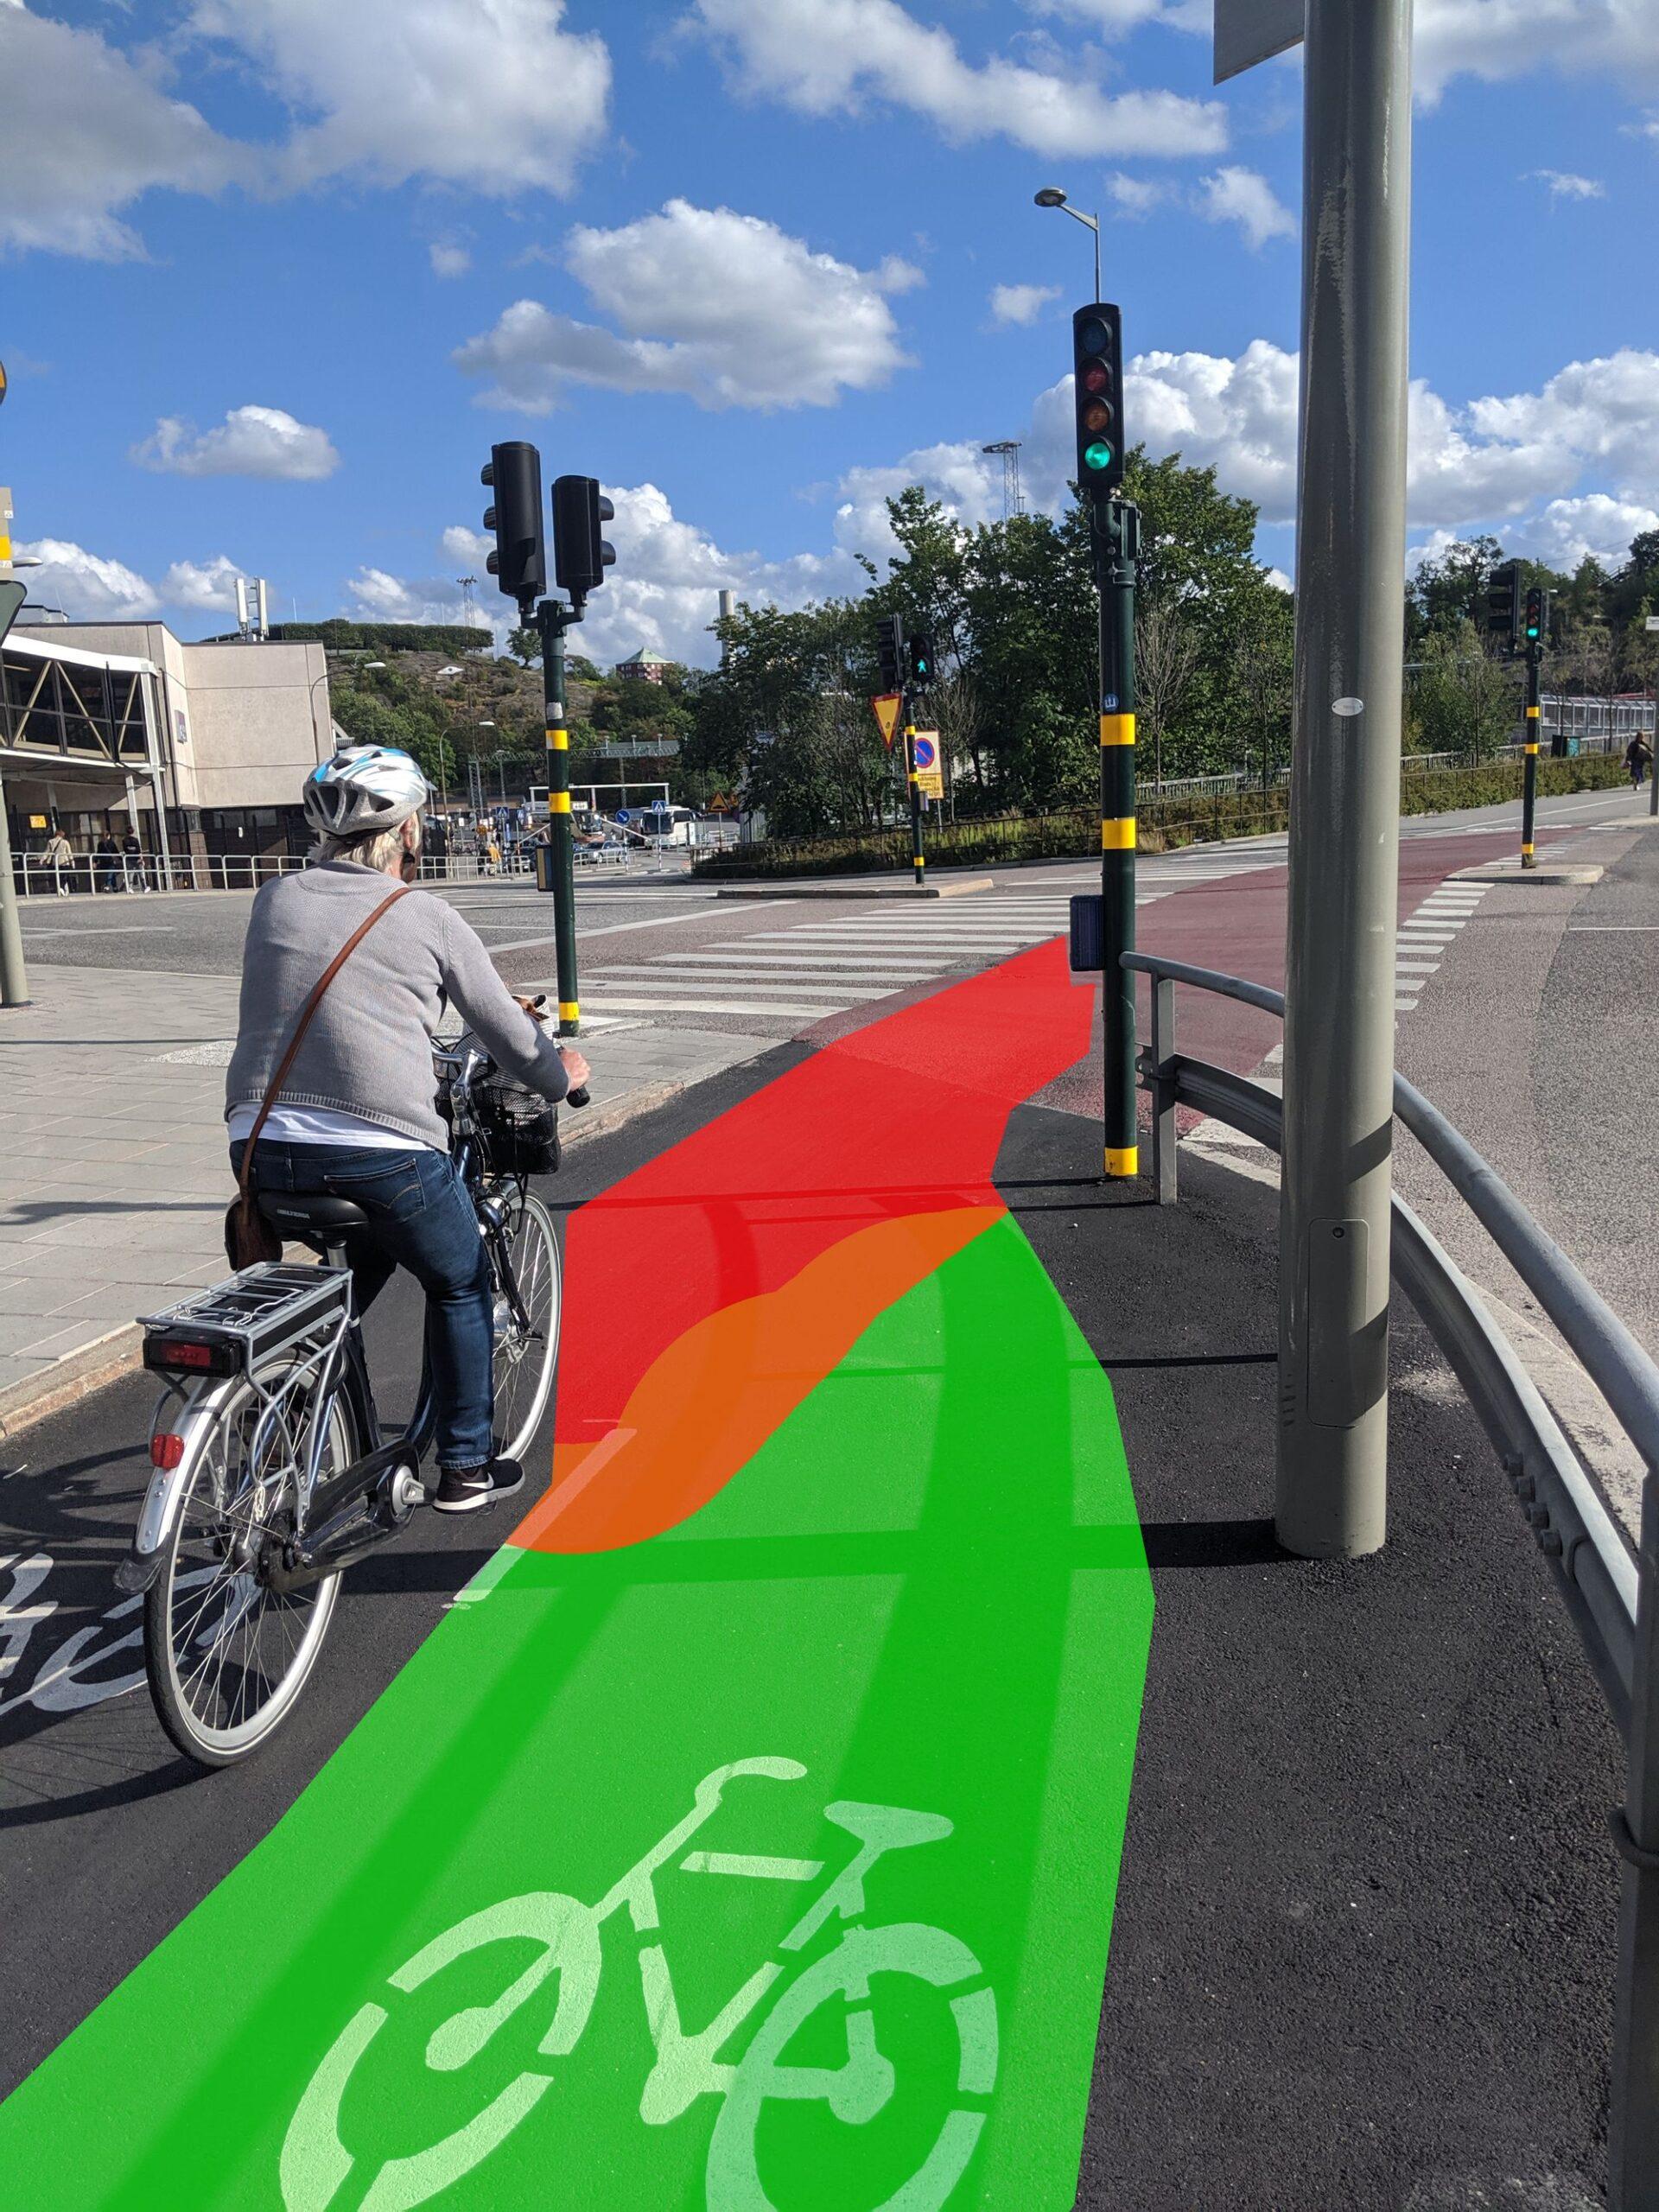 Det ställs höga krav på cyklister